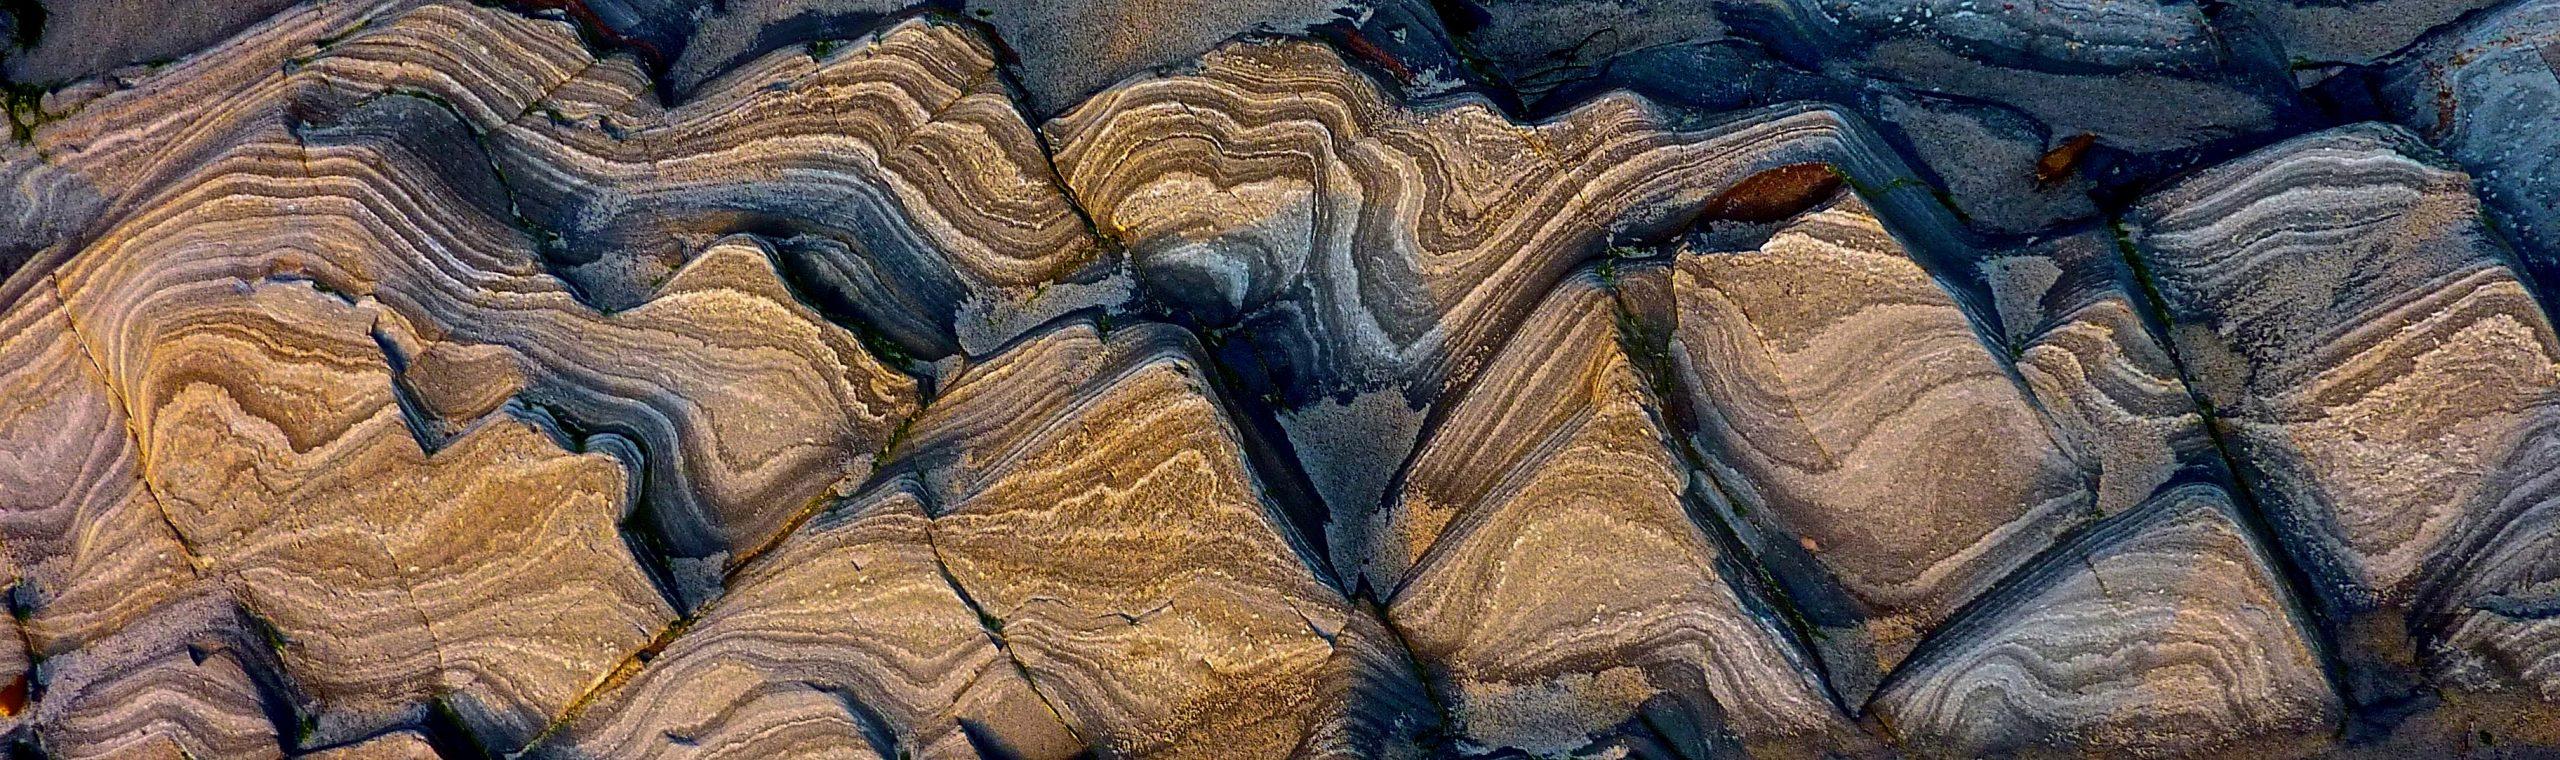 stone sonata: mountainscape